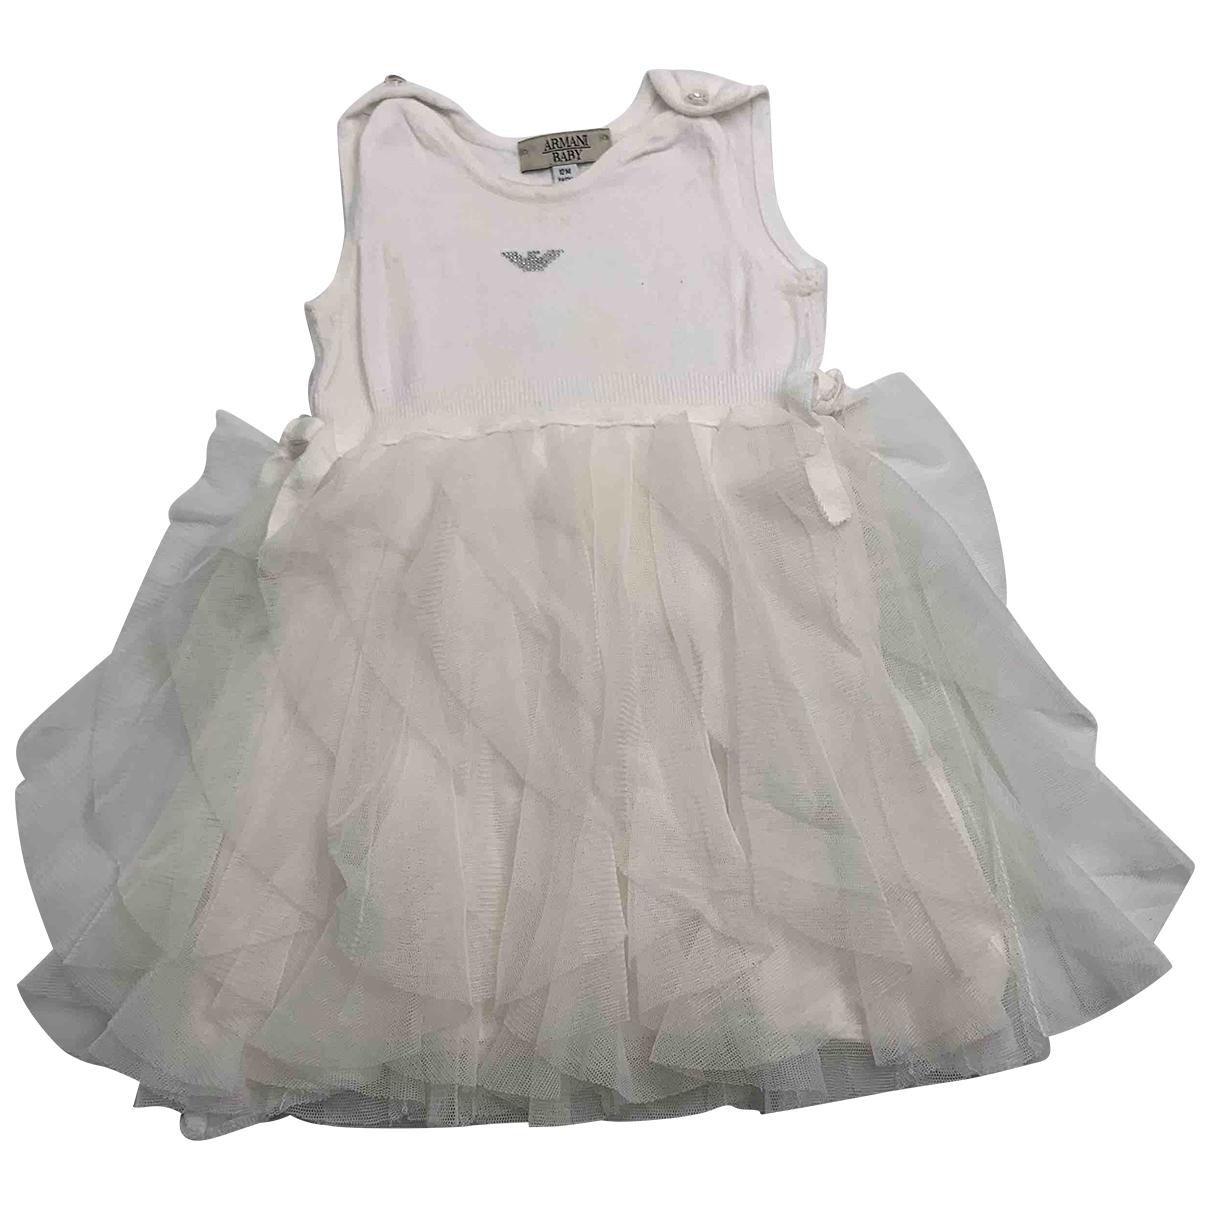 Armani Baby \N Kleid in  Weiss Viskose